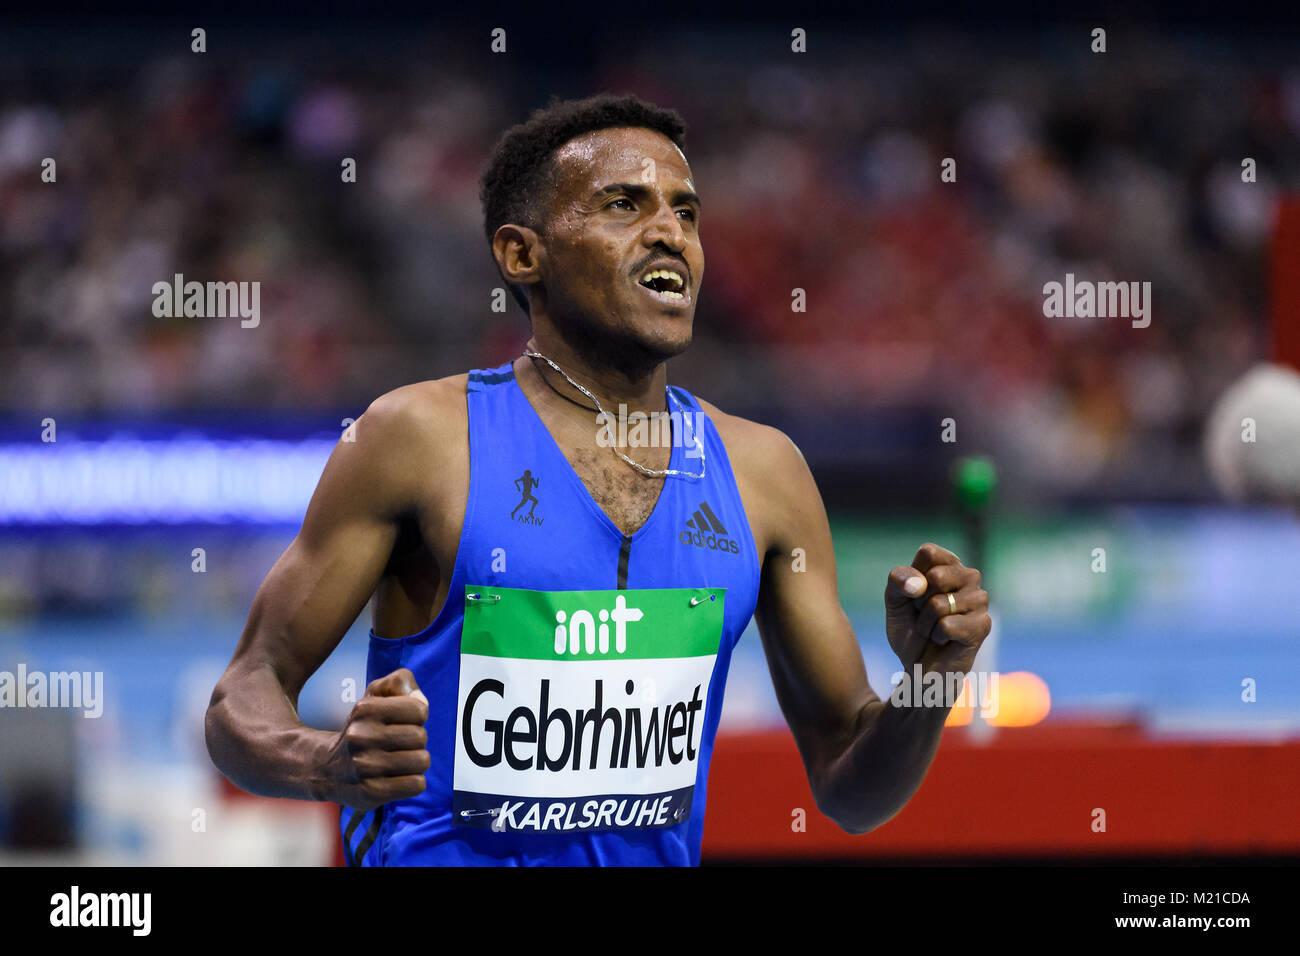 Karlsruhe, Deutschland. 03rd Feb, 2018. i3000m Maenner: Sieger, Gewinner Hagos Gebrhiwet (ETH). GES/ Leichtathletik/ - Stock Image